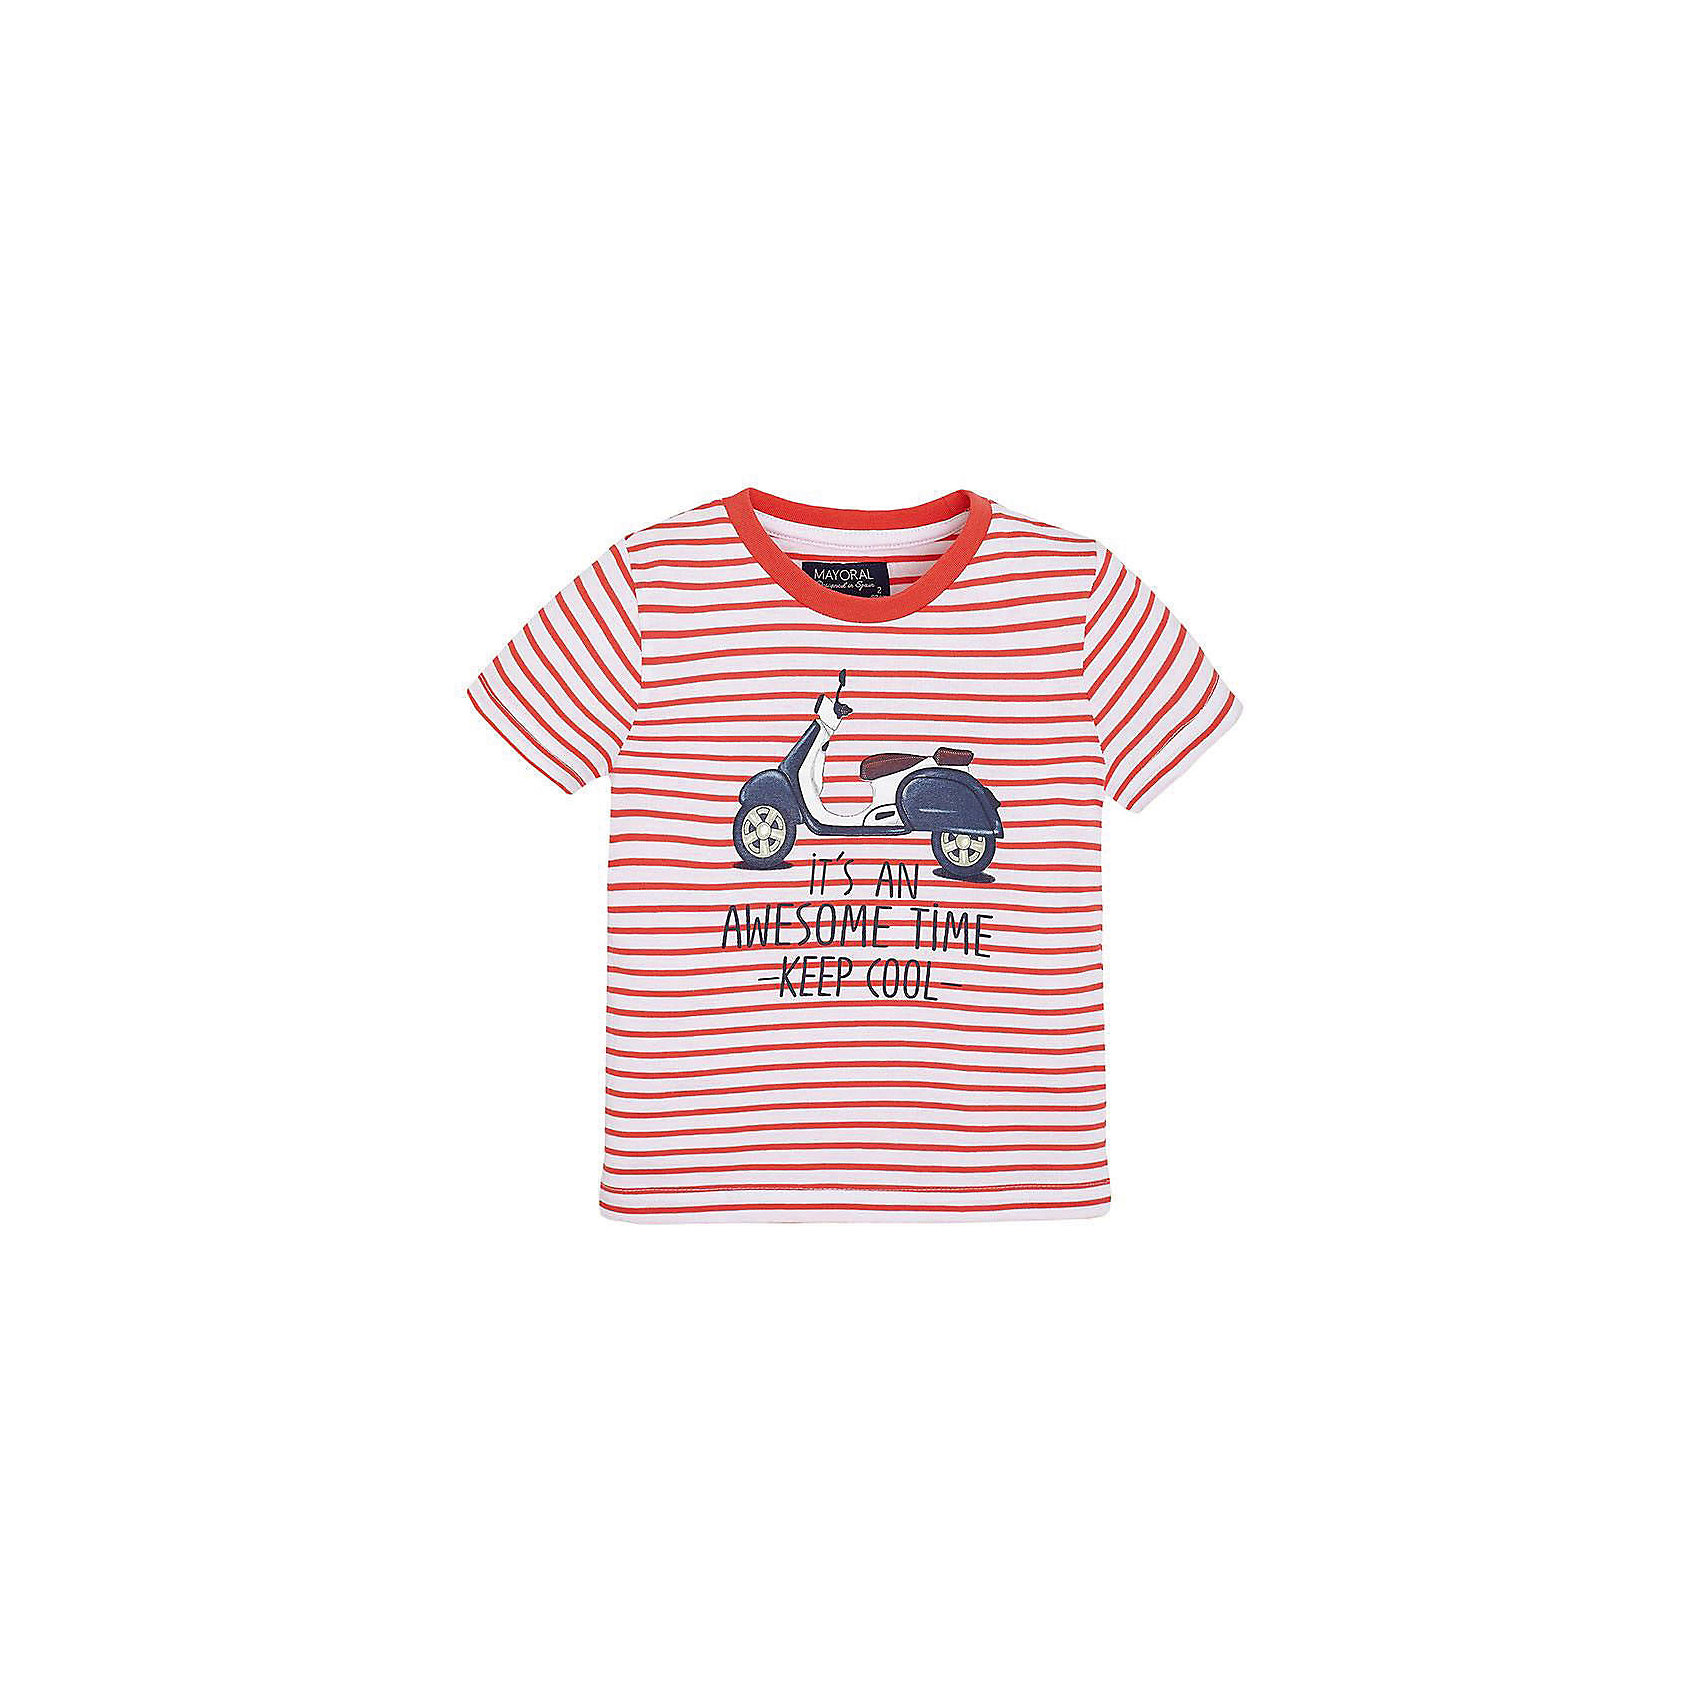 Футболка для мальчика MayoralФутболка для мальчика от известной испанской марки Mayoral <br><br>Стильная футболка от Mayoral - отличный вариант одежды на каждый день! Она прекрасно сочетается с джинсами и шортами.  Модель выполнена из качественных материалов, отлично сидит по фигуре.<br><br>Особенности модели:<br><br>- цвет: розовый, белый;<br>- рукава короткие;<br>- украшена принтом;<br>- натуральные материалы.<br><br>Дополнительная информация:<br><br>Состав: 100% хлопок<br><br>Футболку для мальчика Mayoral (Майорал) можно купить в нашем магазине.<br><br>Ширина мм: 199<br>Глубина мм: 10<br>Высота мм: 161<br>Вес г: 151<br>Цвет: розовый<br>Возраст от месяцев: 96<br>Возраст до месяцев: 108<br>Пол: Мужской<br>Возраст: Детский<br>Размер: 134,116,122,98,92,104,110,128<br>SKU: 4541304